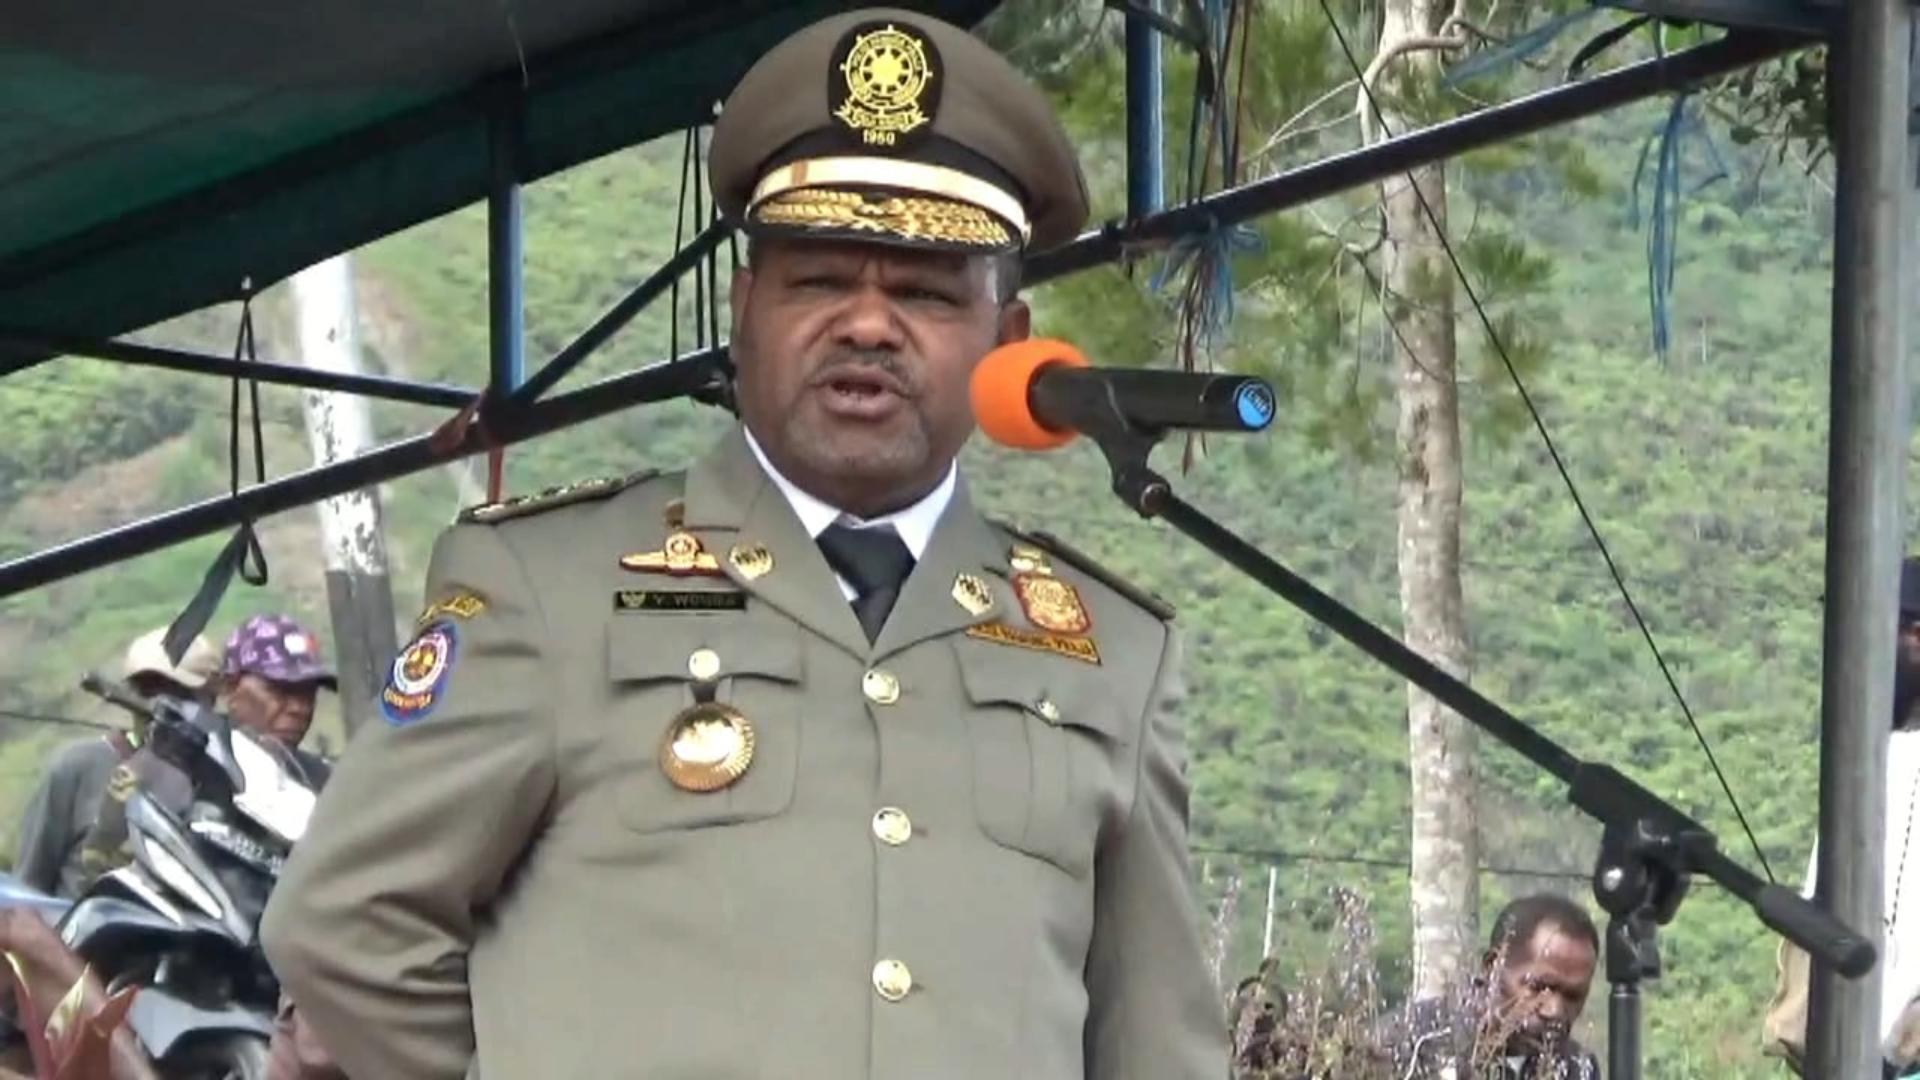 Bupati Puncak Jaya Ajak Warga Sukseskan Pilpres Dan Pileg 2019 Paraparatv